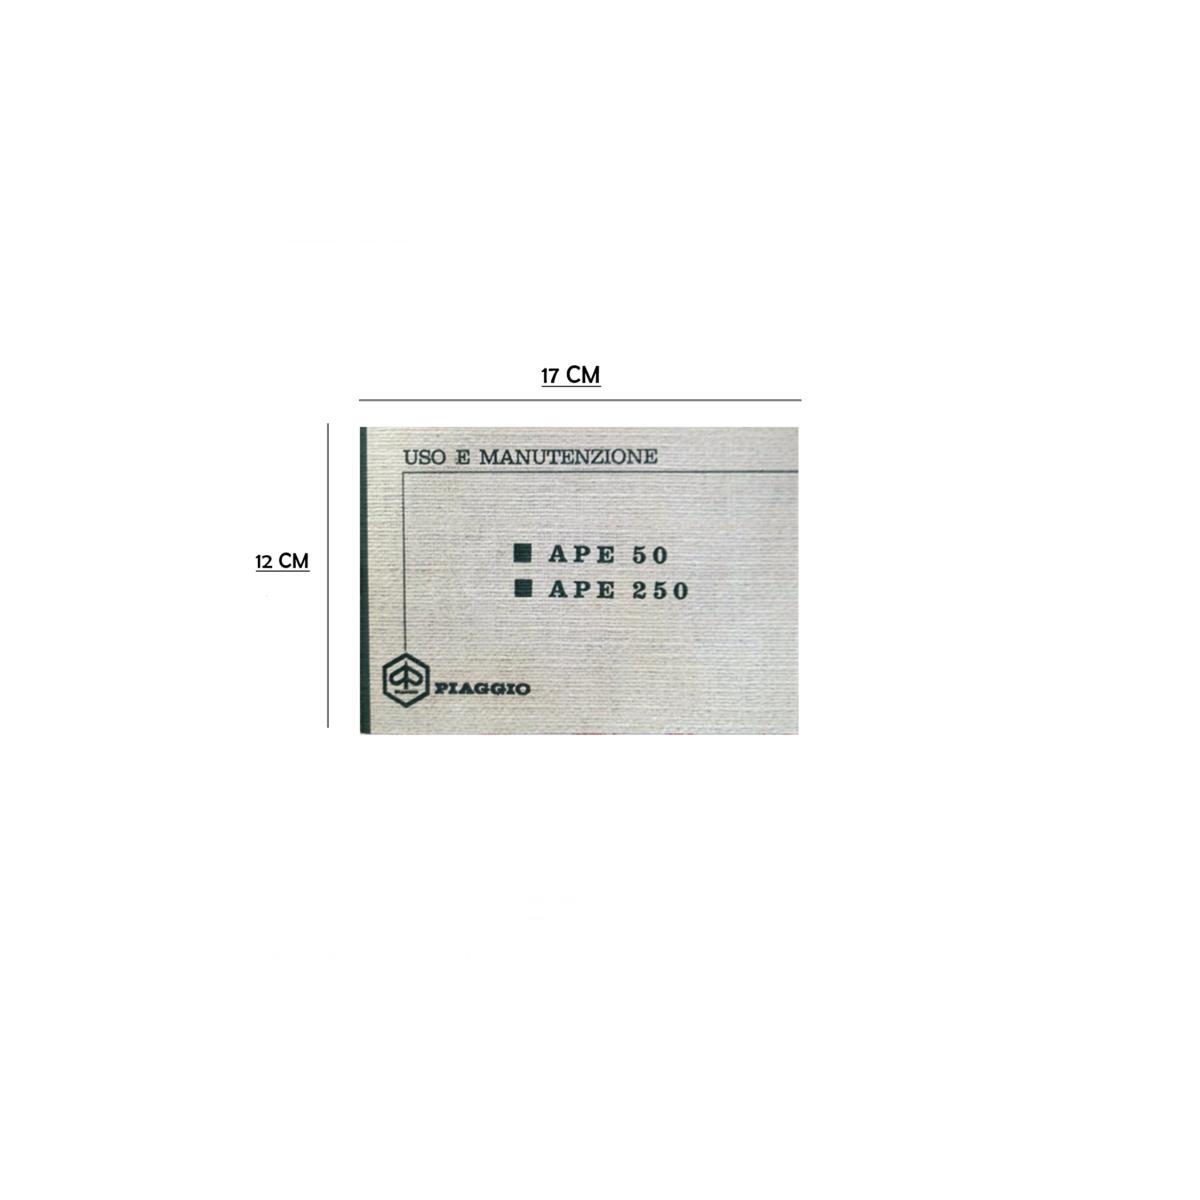 Manuale libretto uso e manutenzione per APE 50 250 dal 1969